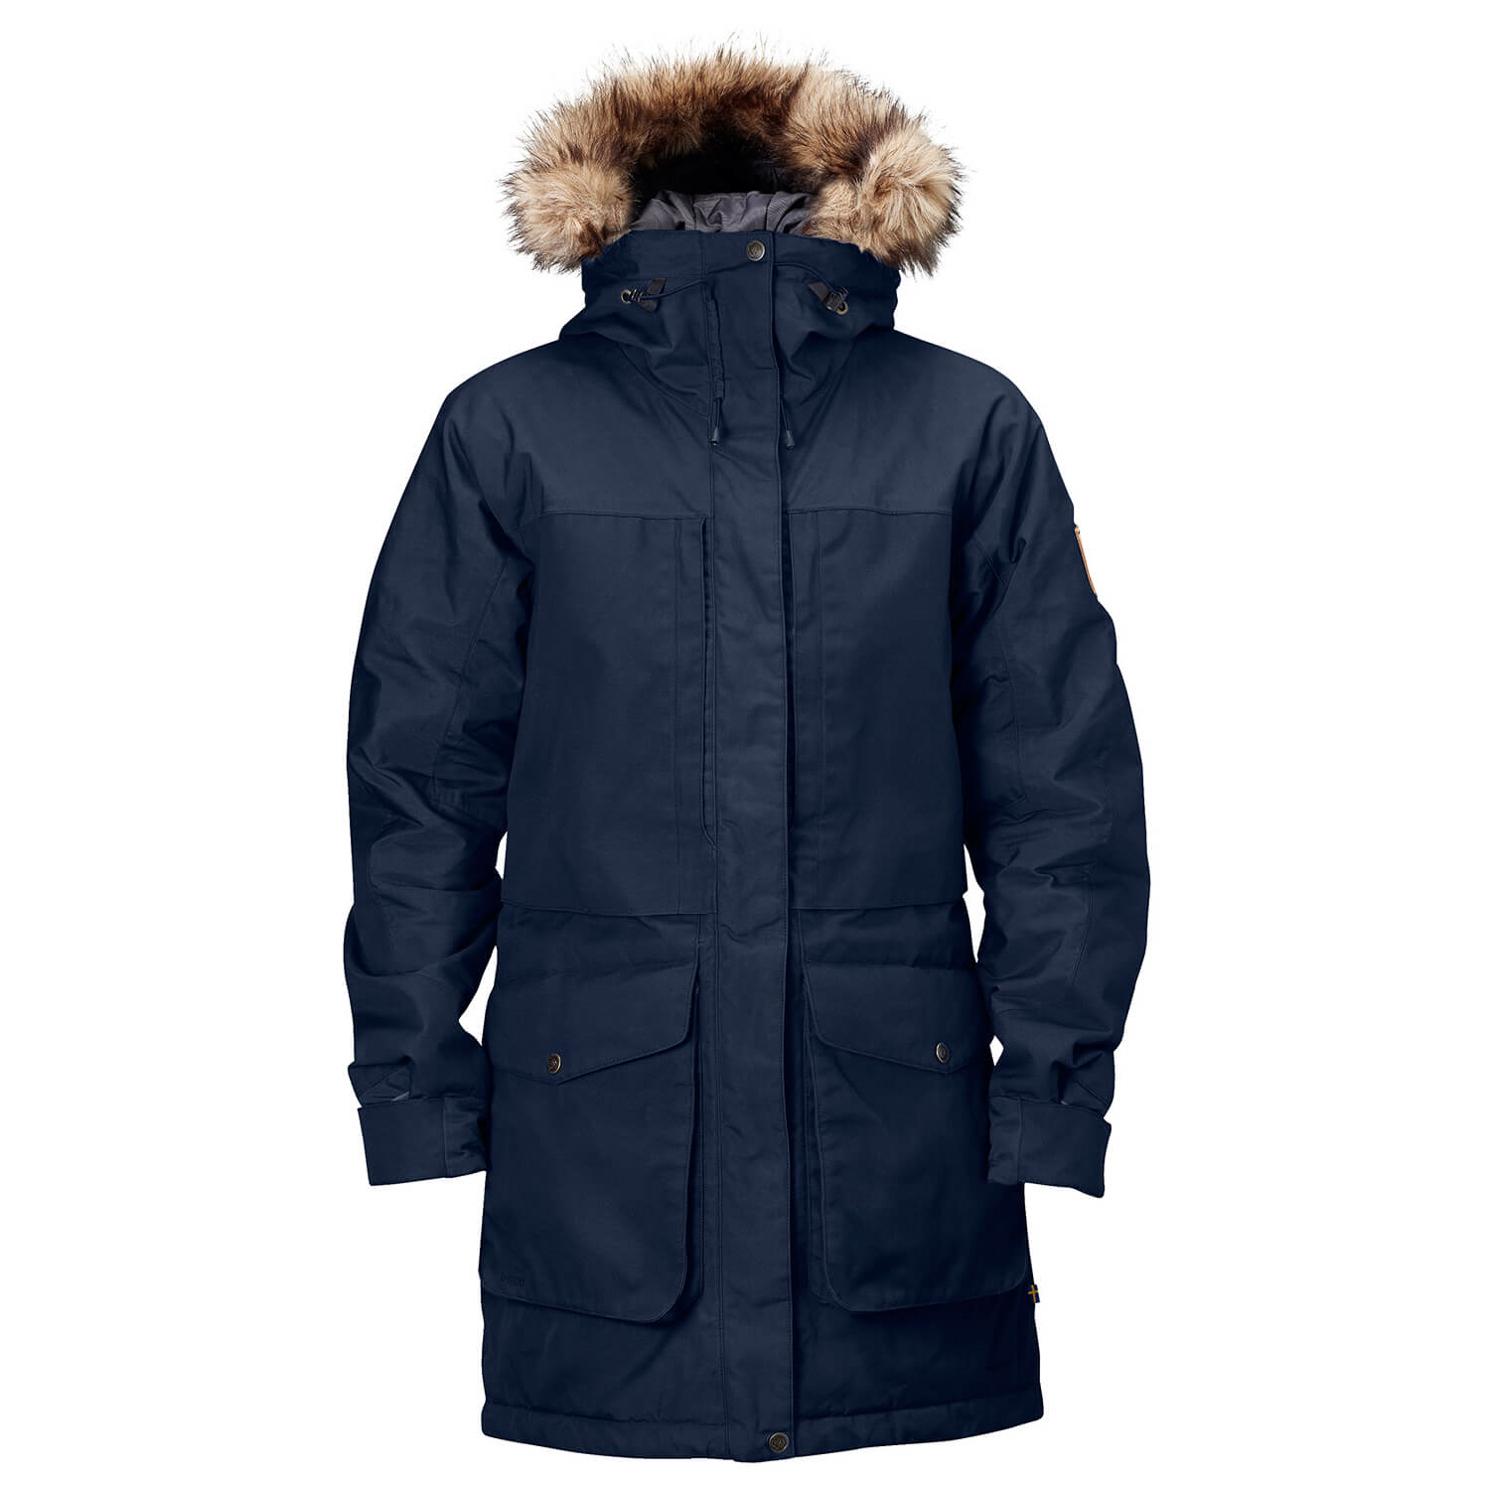 Fjällräven Barents Parka Winter jacket Dark Navy   S